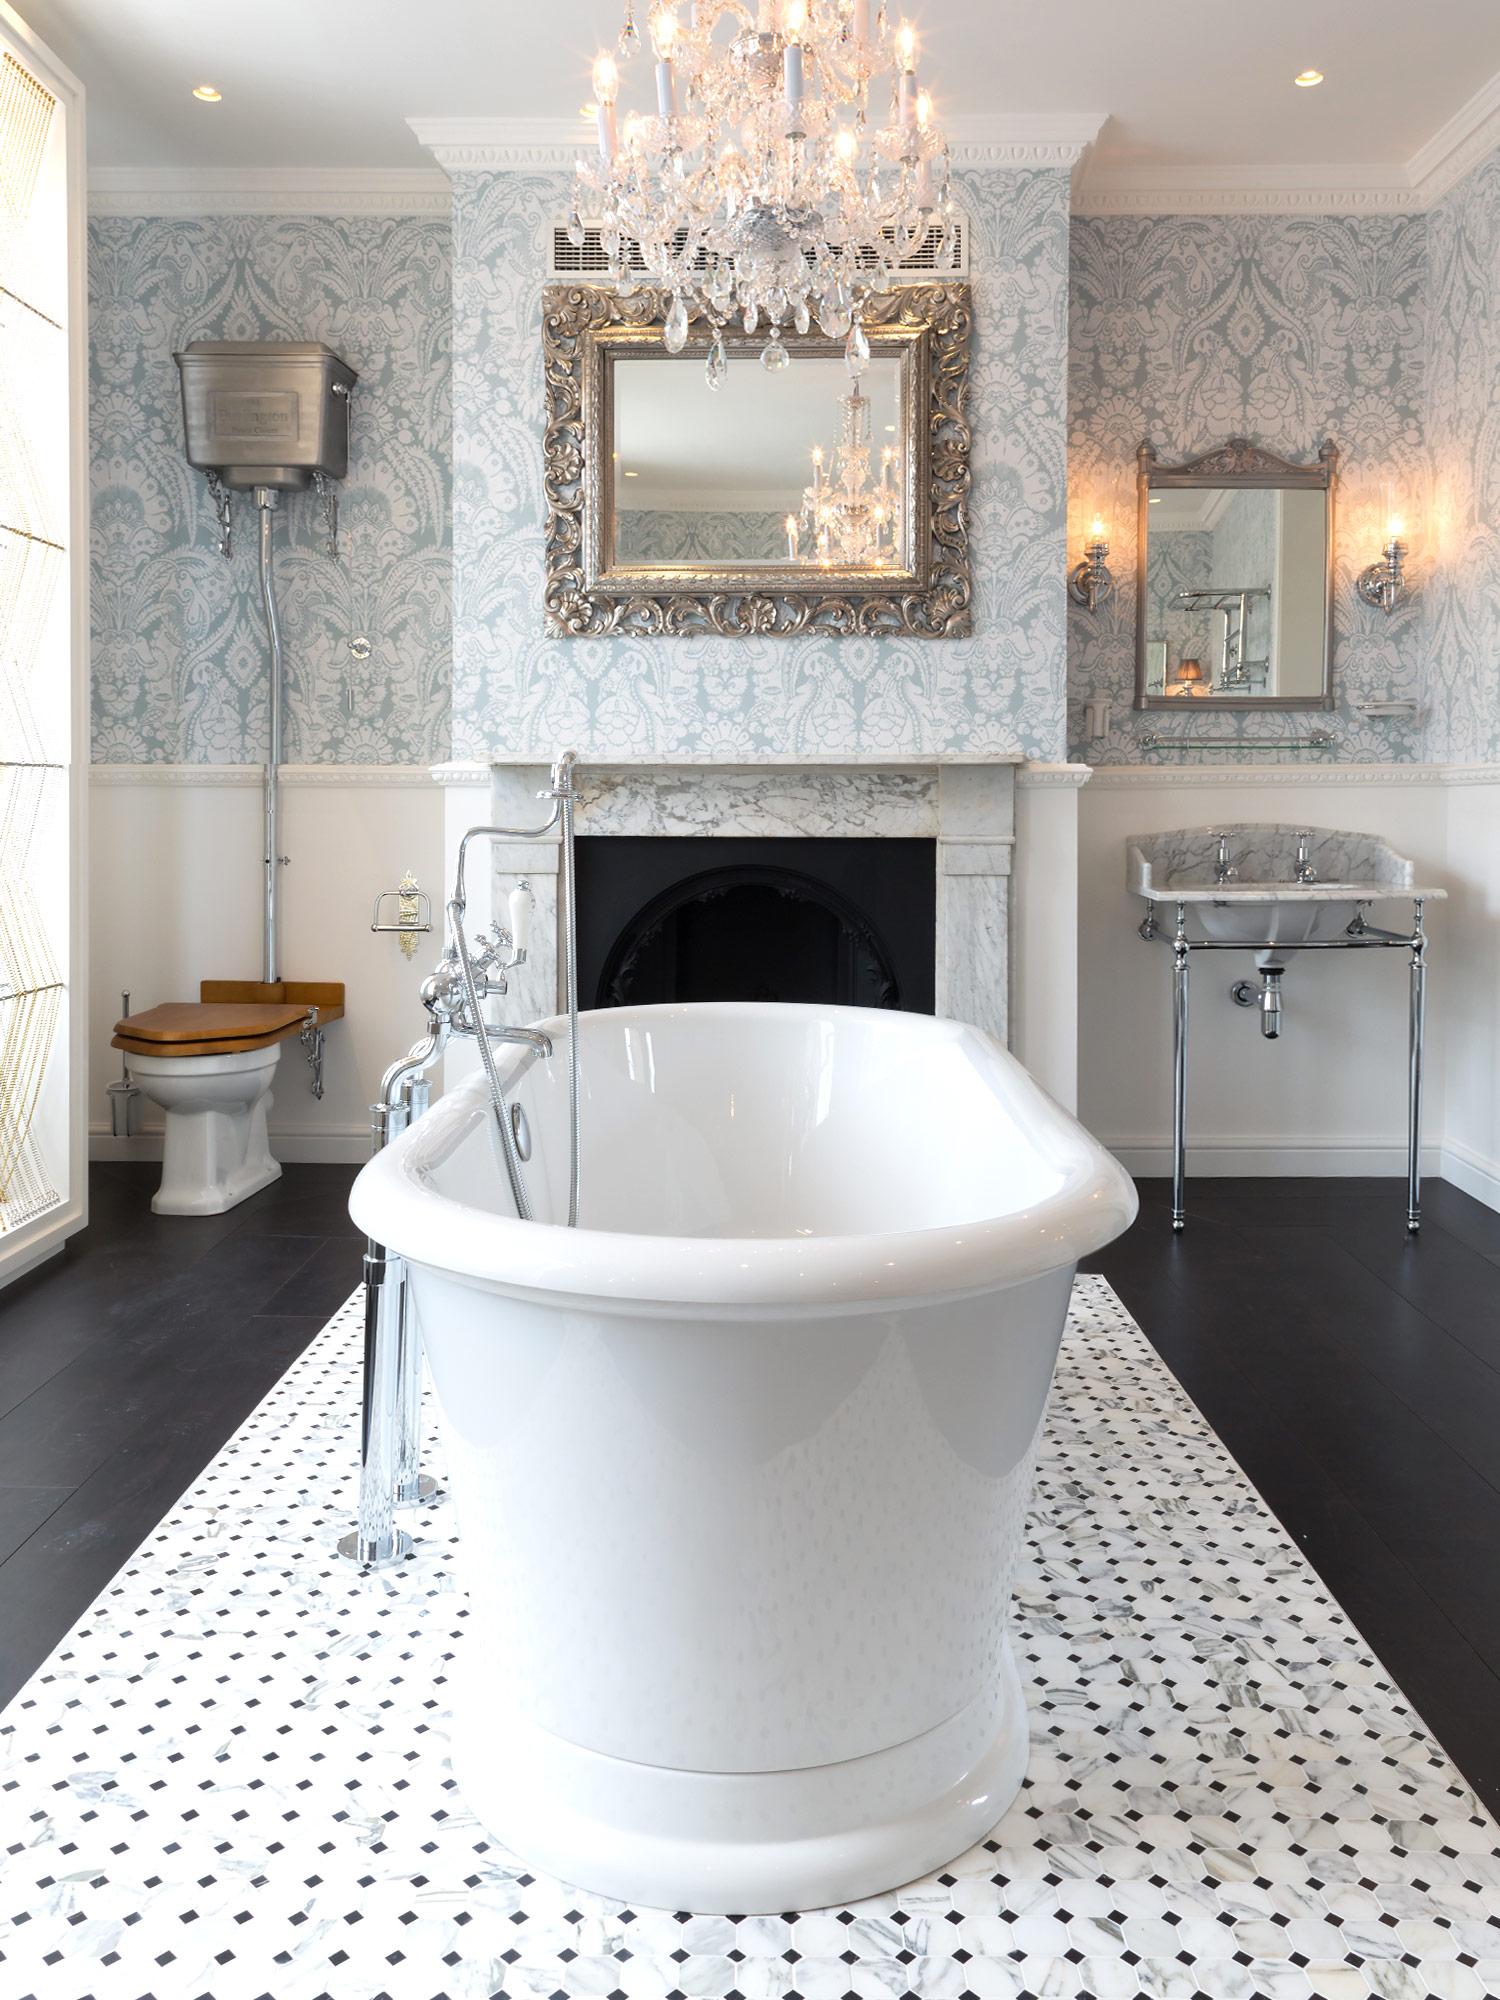 West One Bathrooms Kings Road Chelsea Showroom 2